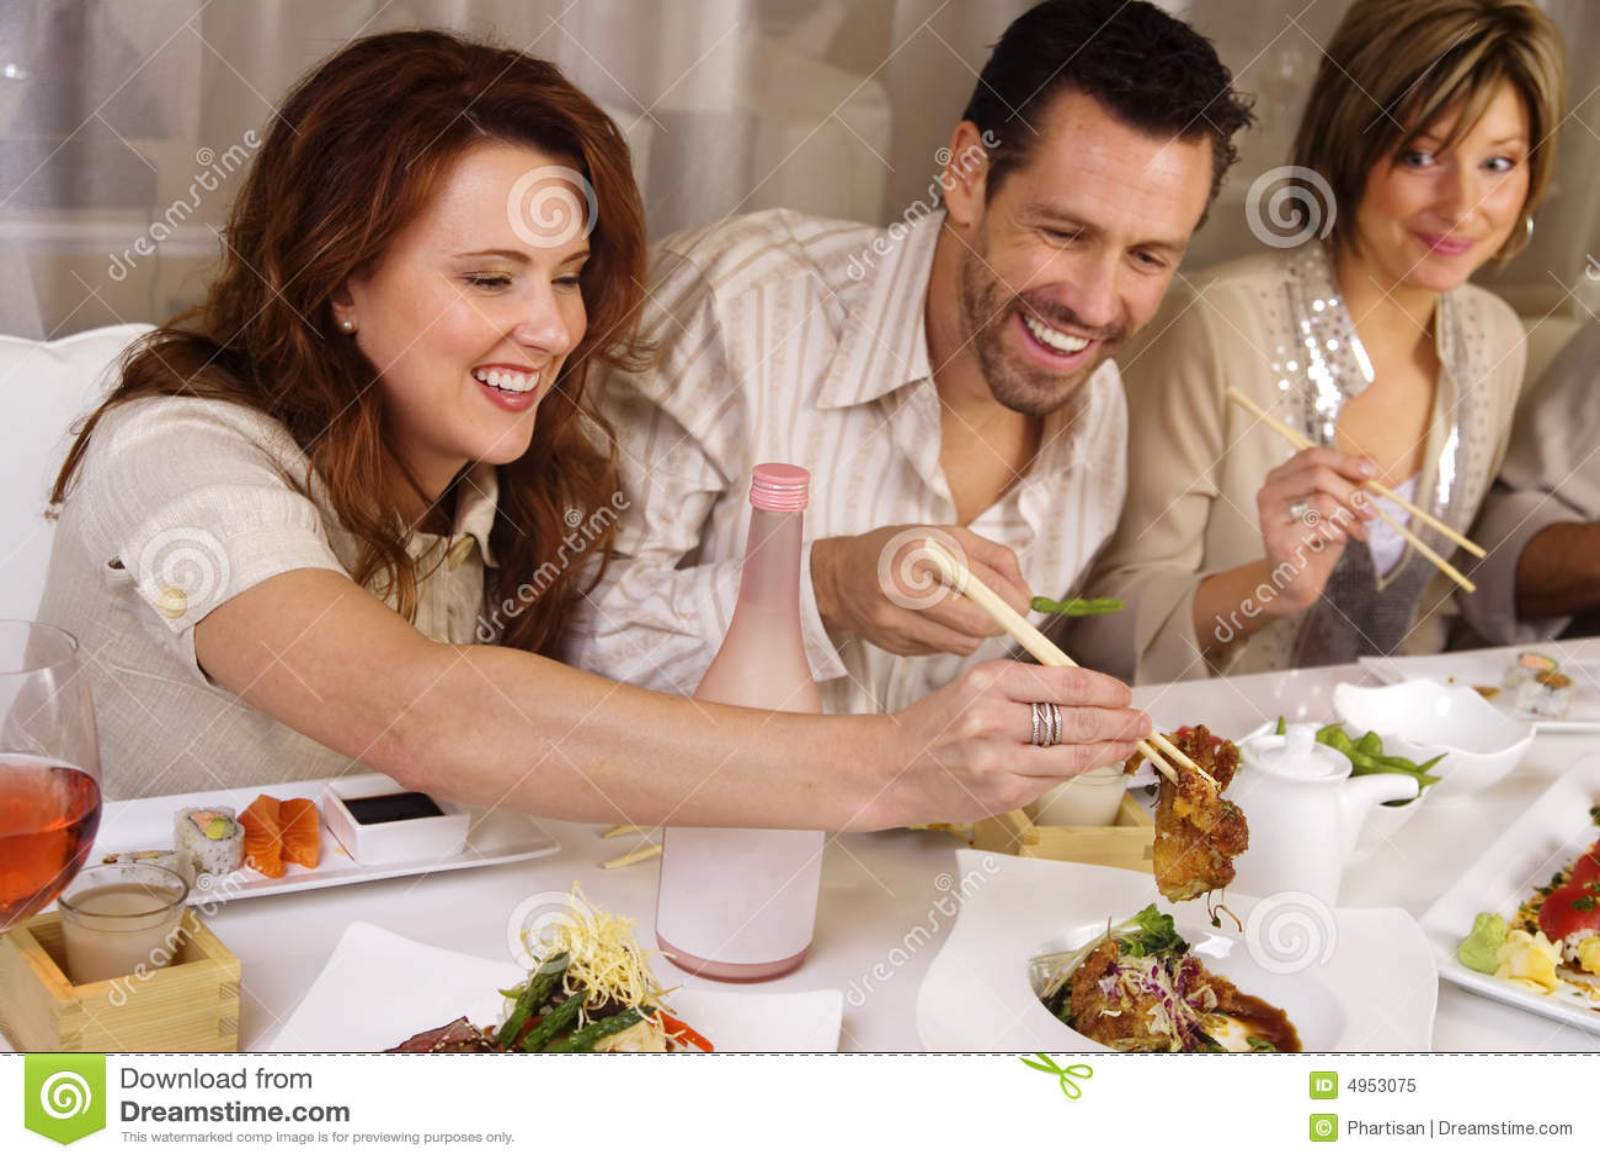 Atrakcyjne jedzenie grupy ludzi, by